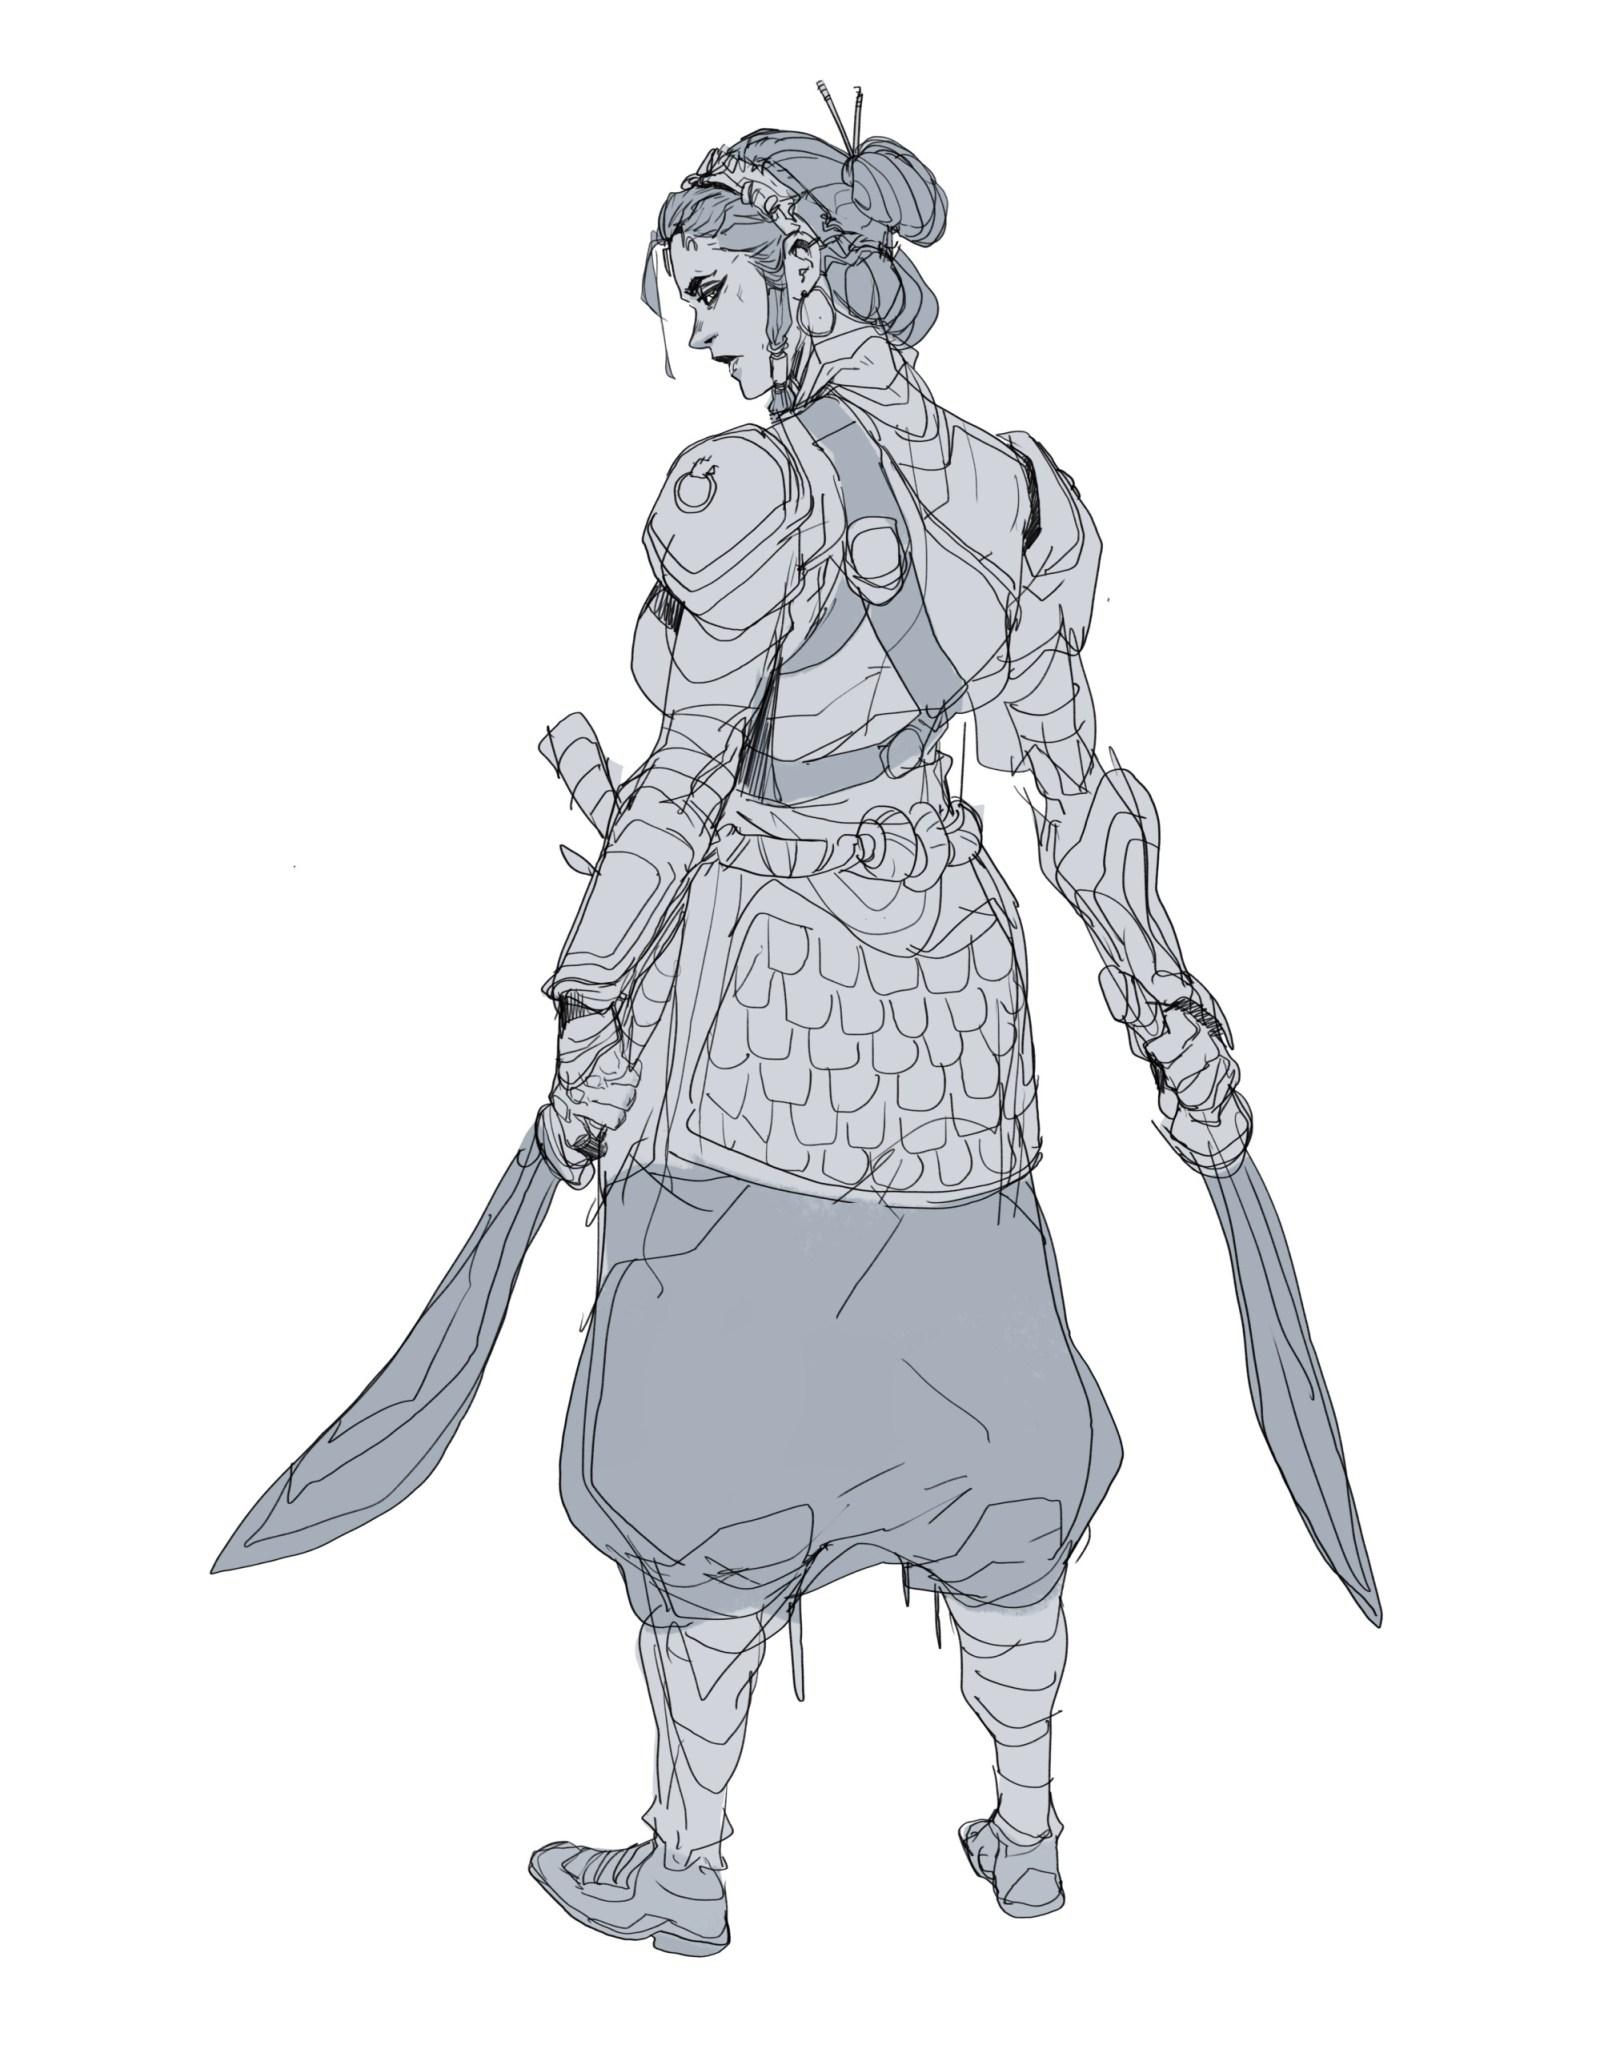 Une guerrière dessinée par Hicham Habchi, un artiste marocain passionné de bandes dessinées.